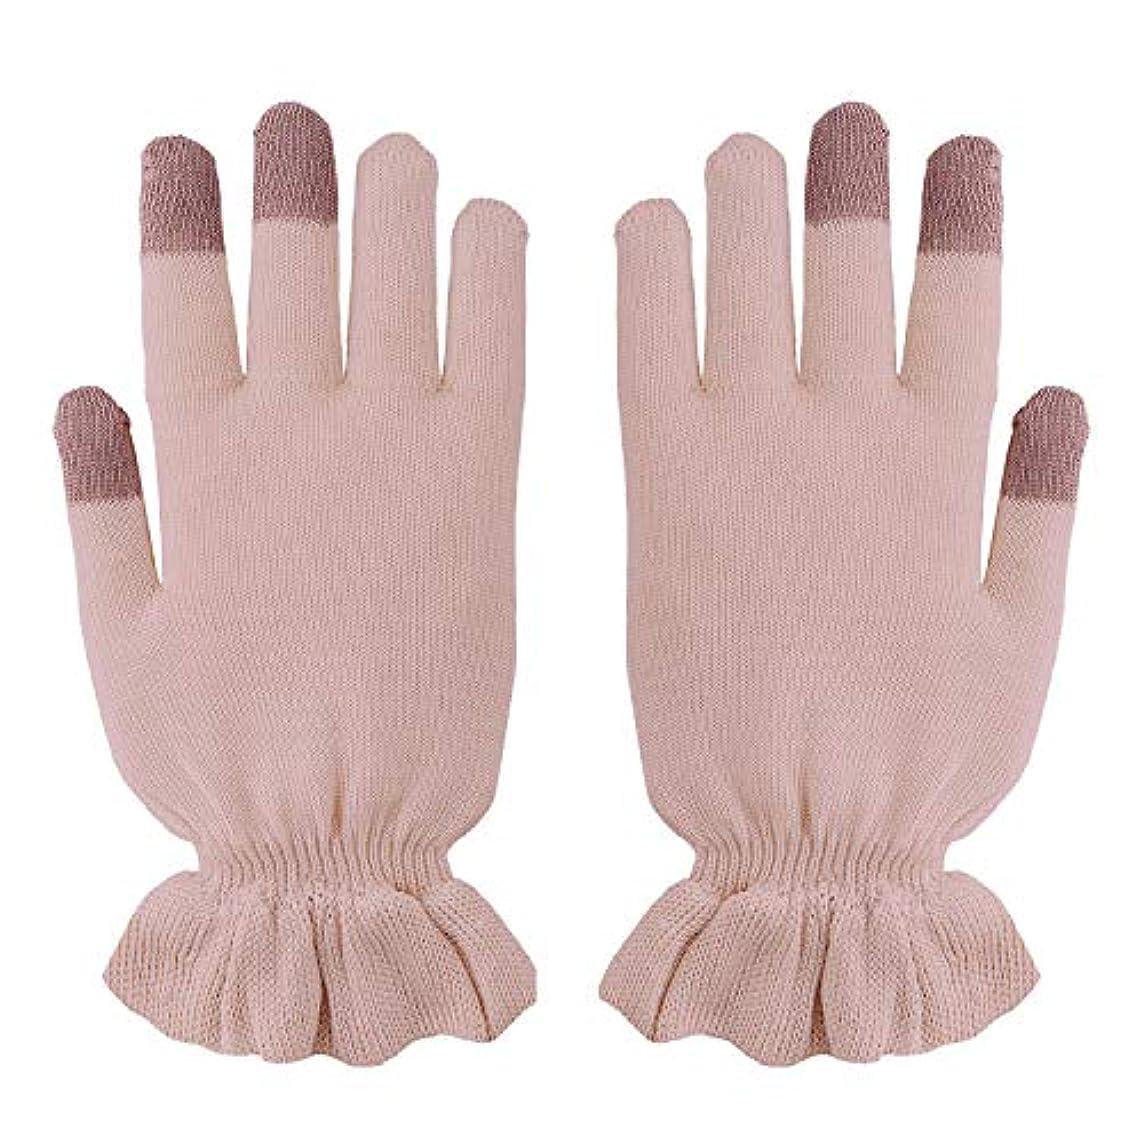 シートジャム架空のおやすみシルク 手袋 絹(シルク)のおもてなし 手荒れ予防 保湿 (ピンク)